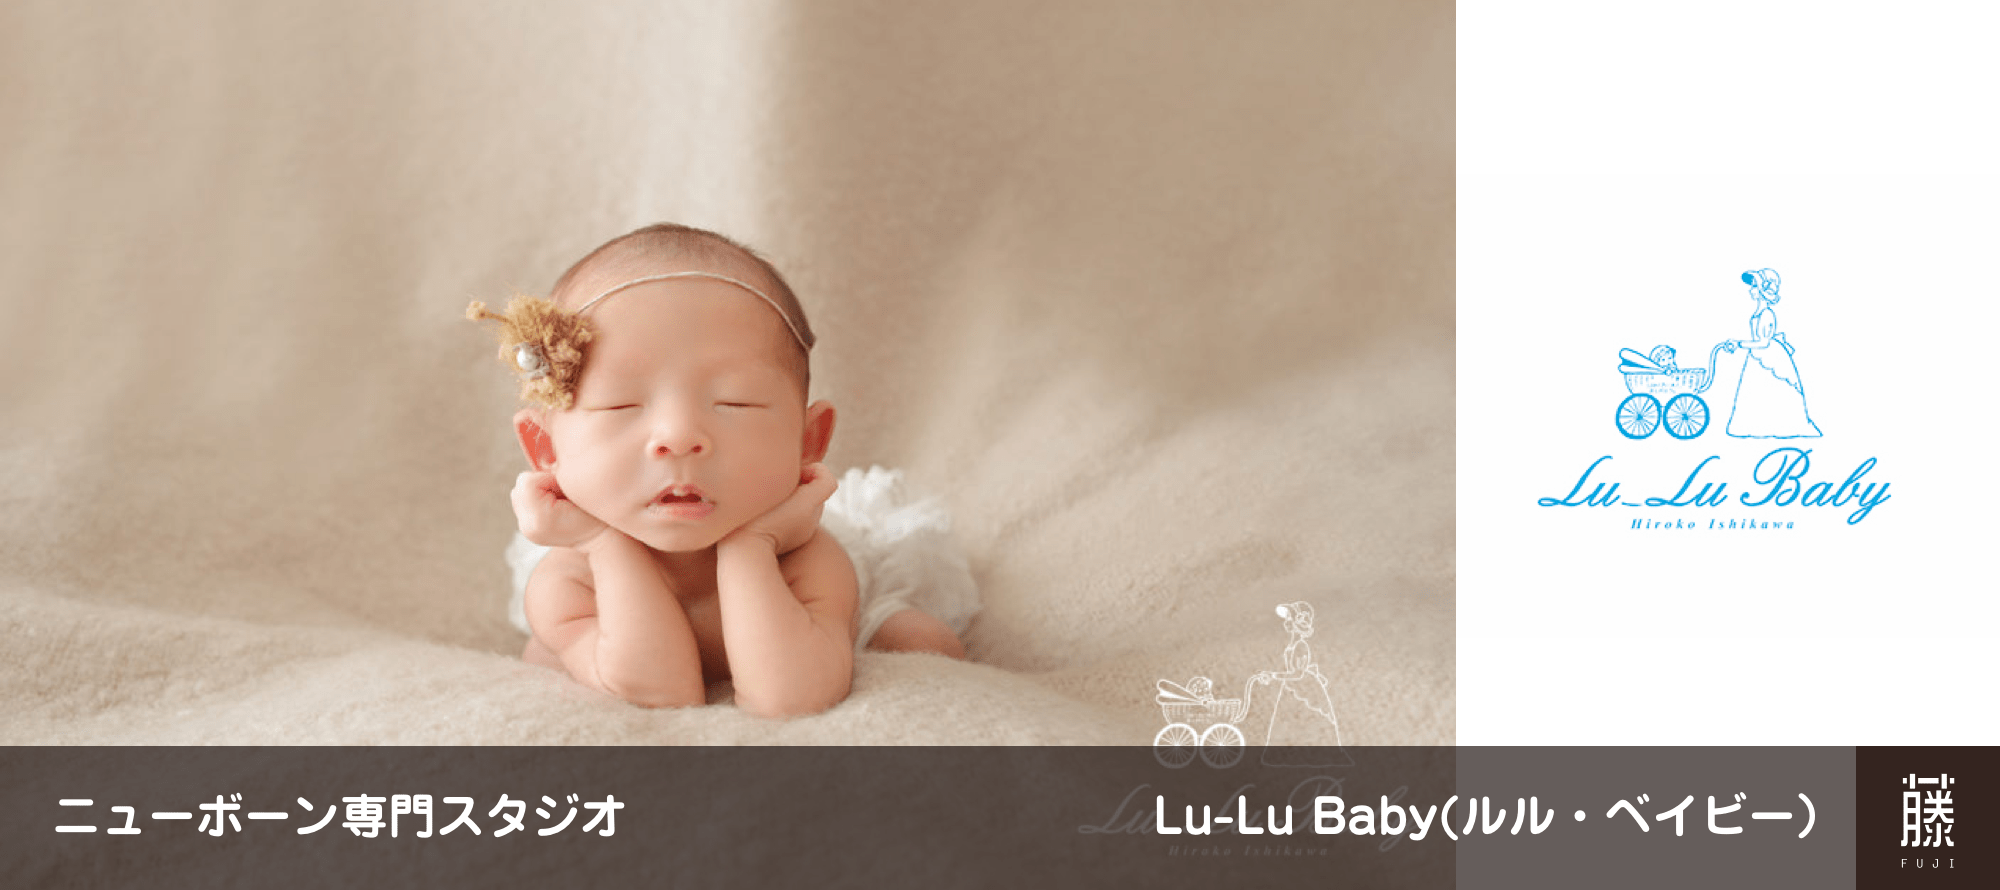 ニューボーン専門スタジオ「Lu-Lu Baby(ルル・ベイビー)」(藤)